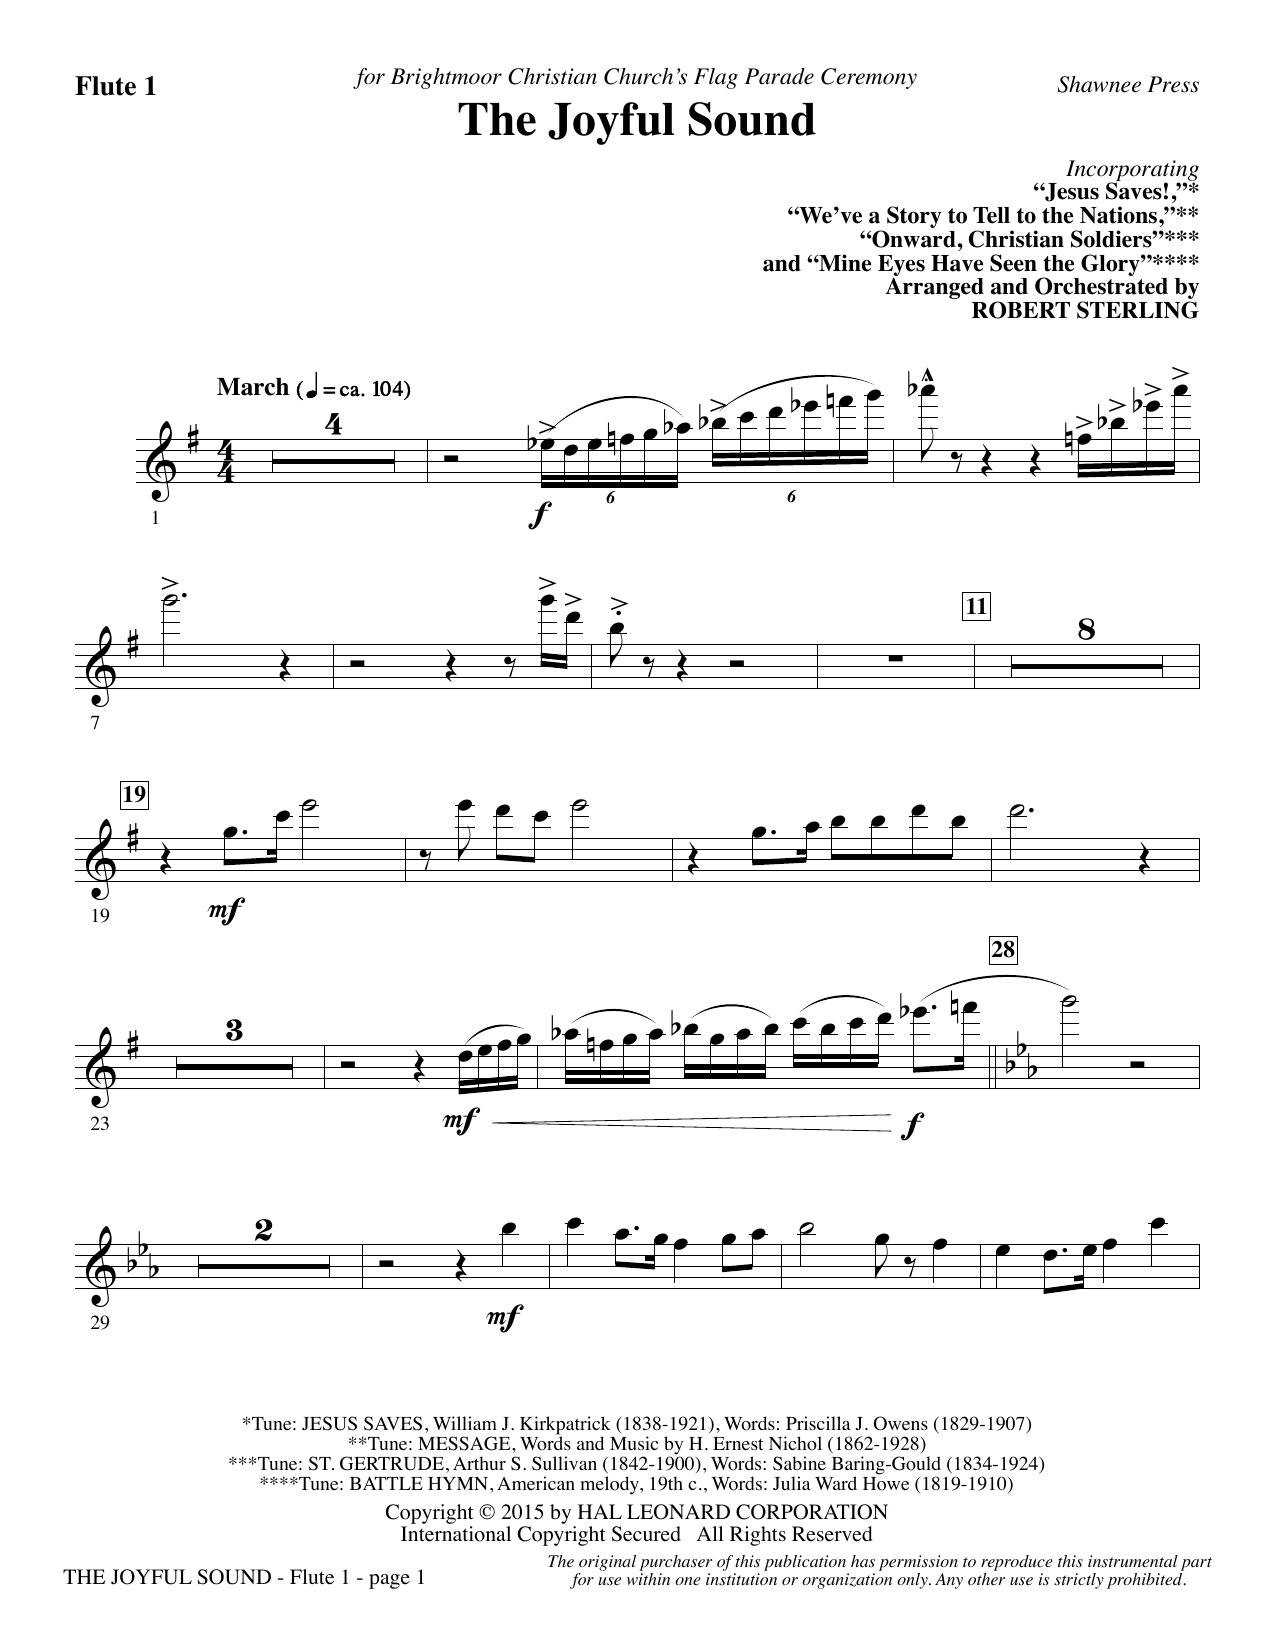 The Joyful Sound - Flute 1 sheet music